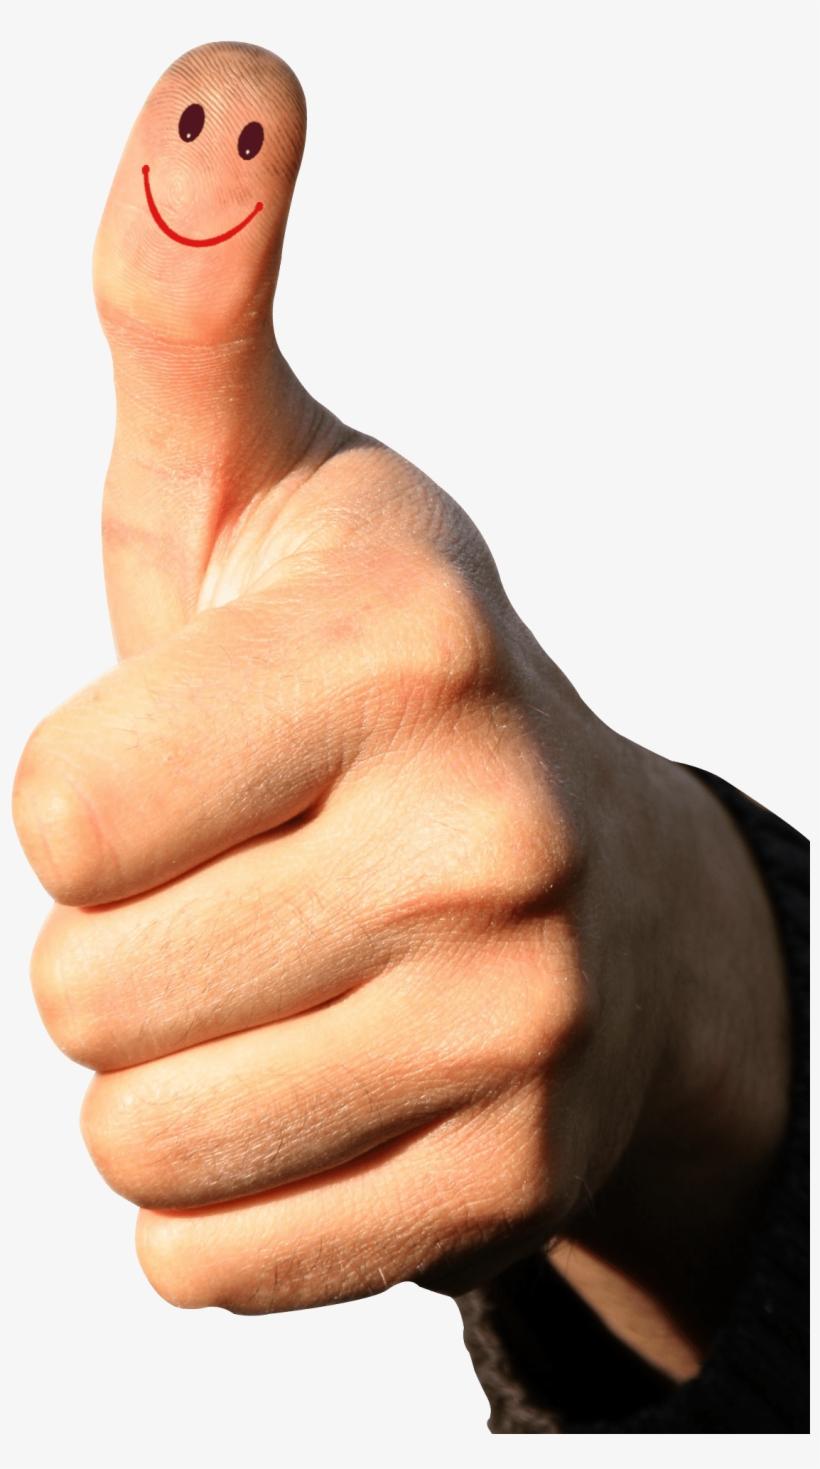 Thumbs Up Png Transparent Image - Transparent Background Thumb Up Png, transparent png #77116